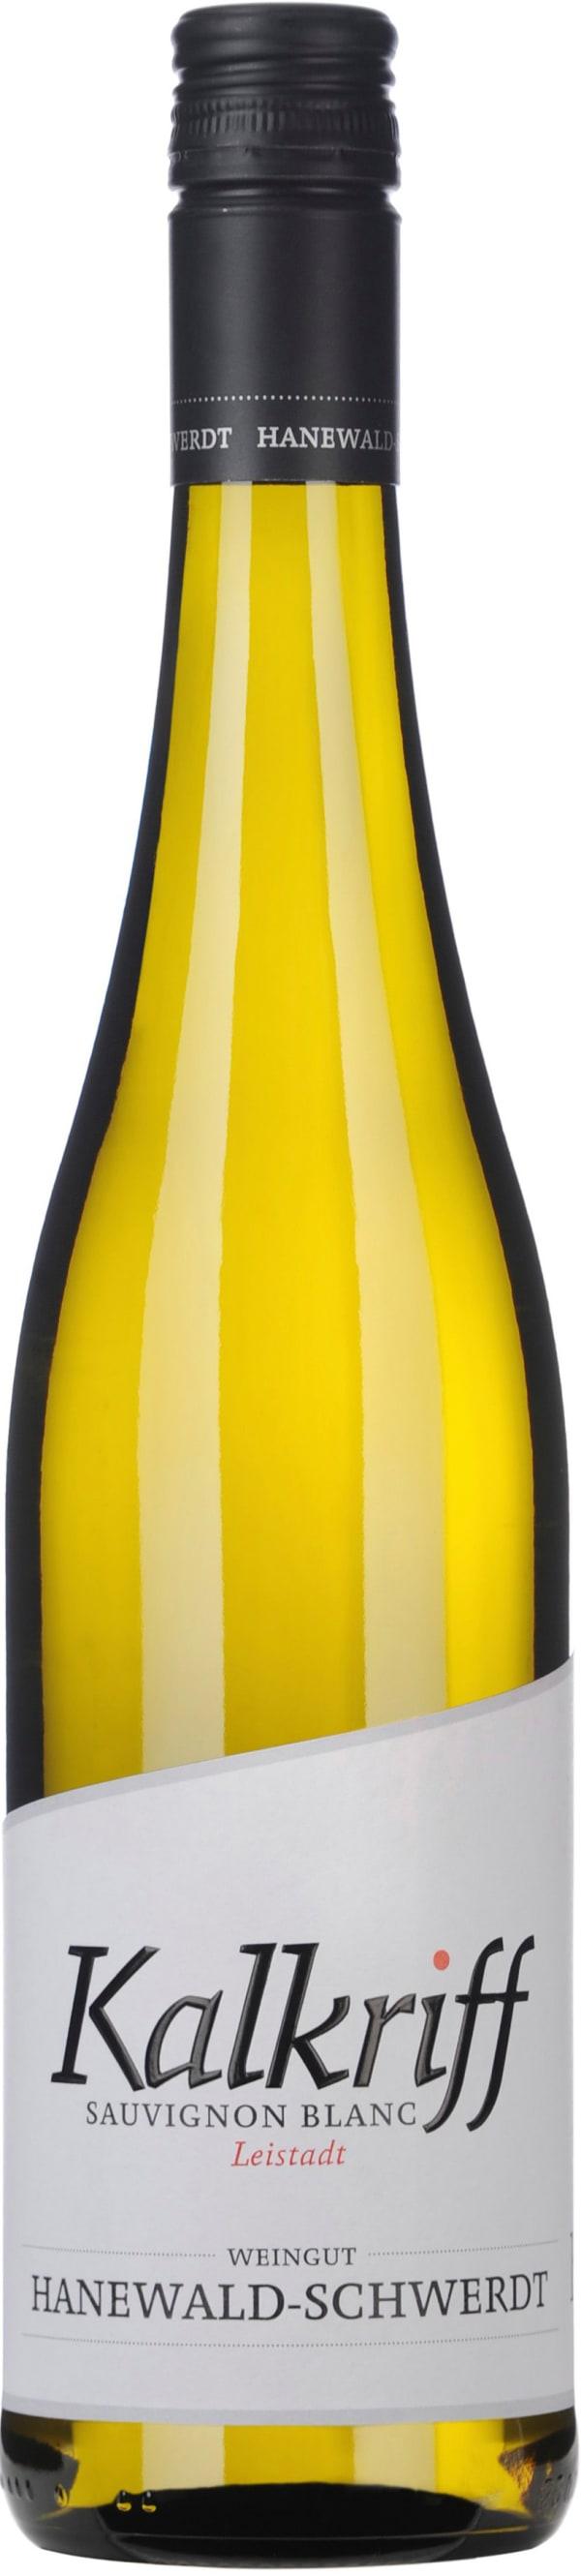 Hanewald-Schwerdt Kalriff Sauvignon Blanc 2017